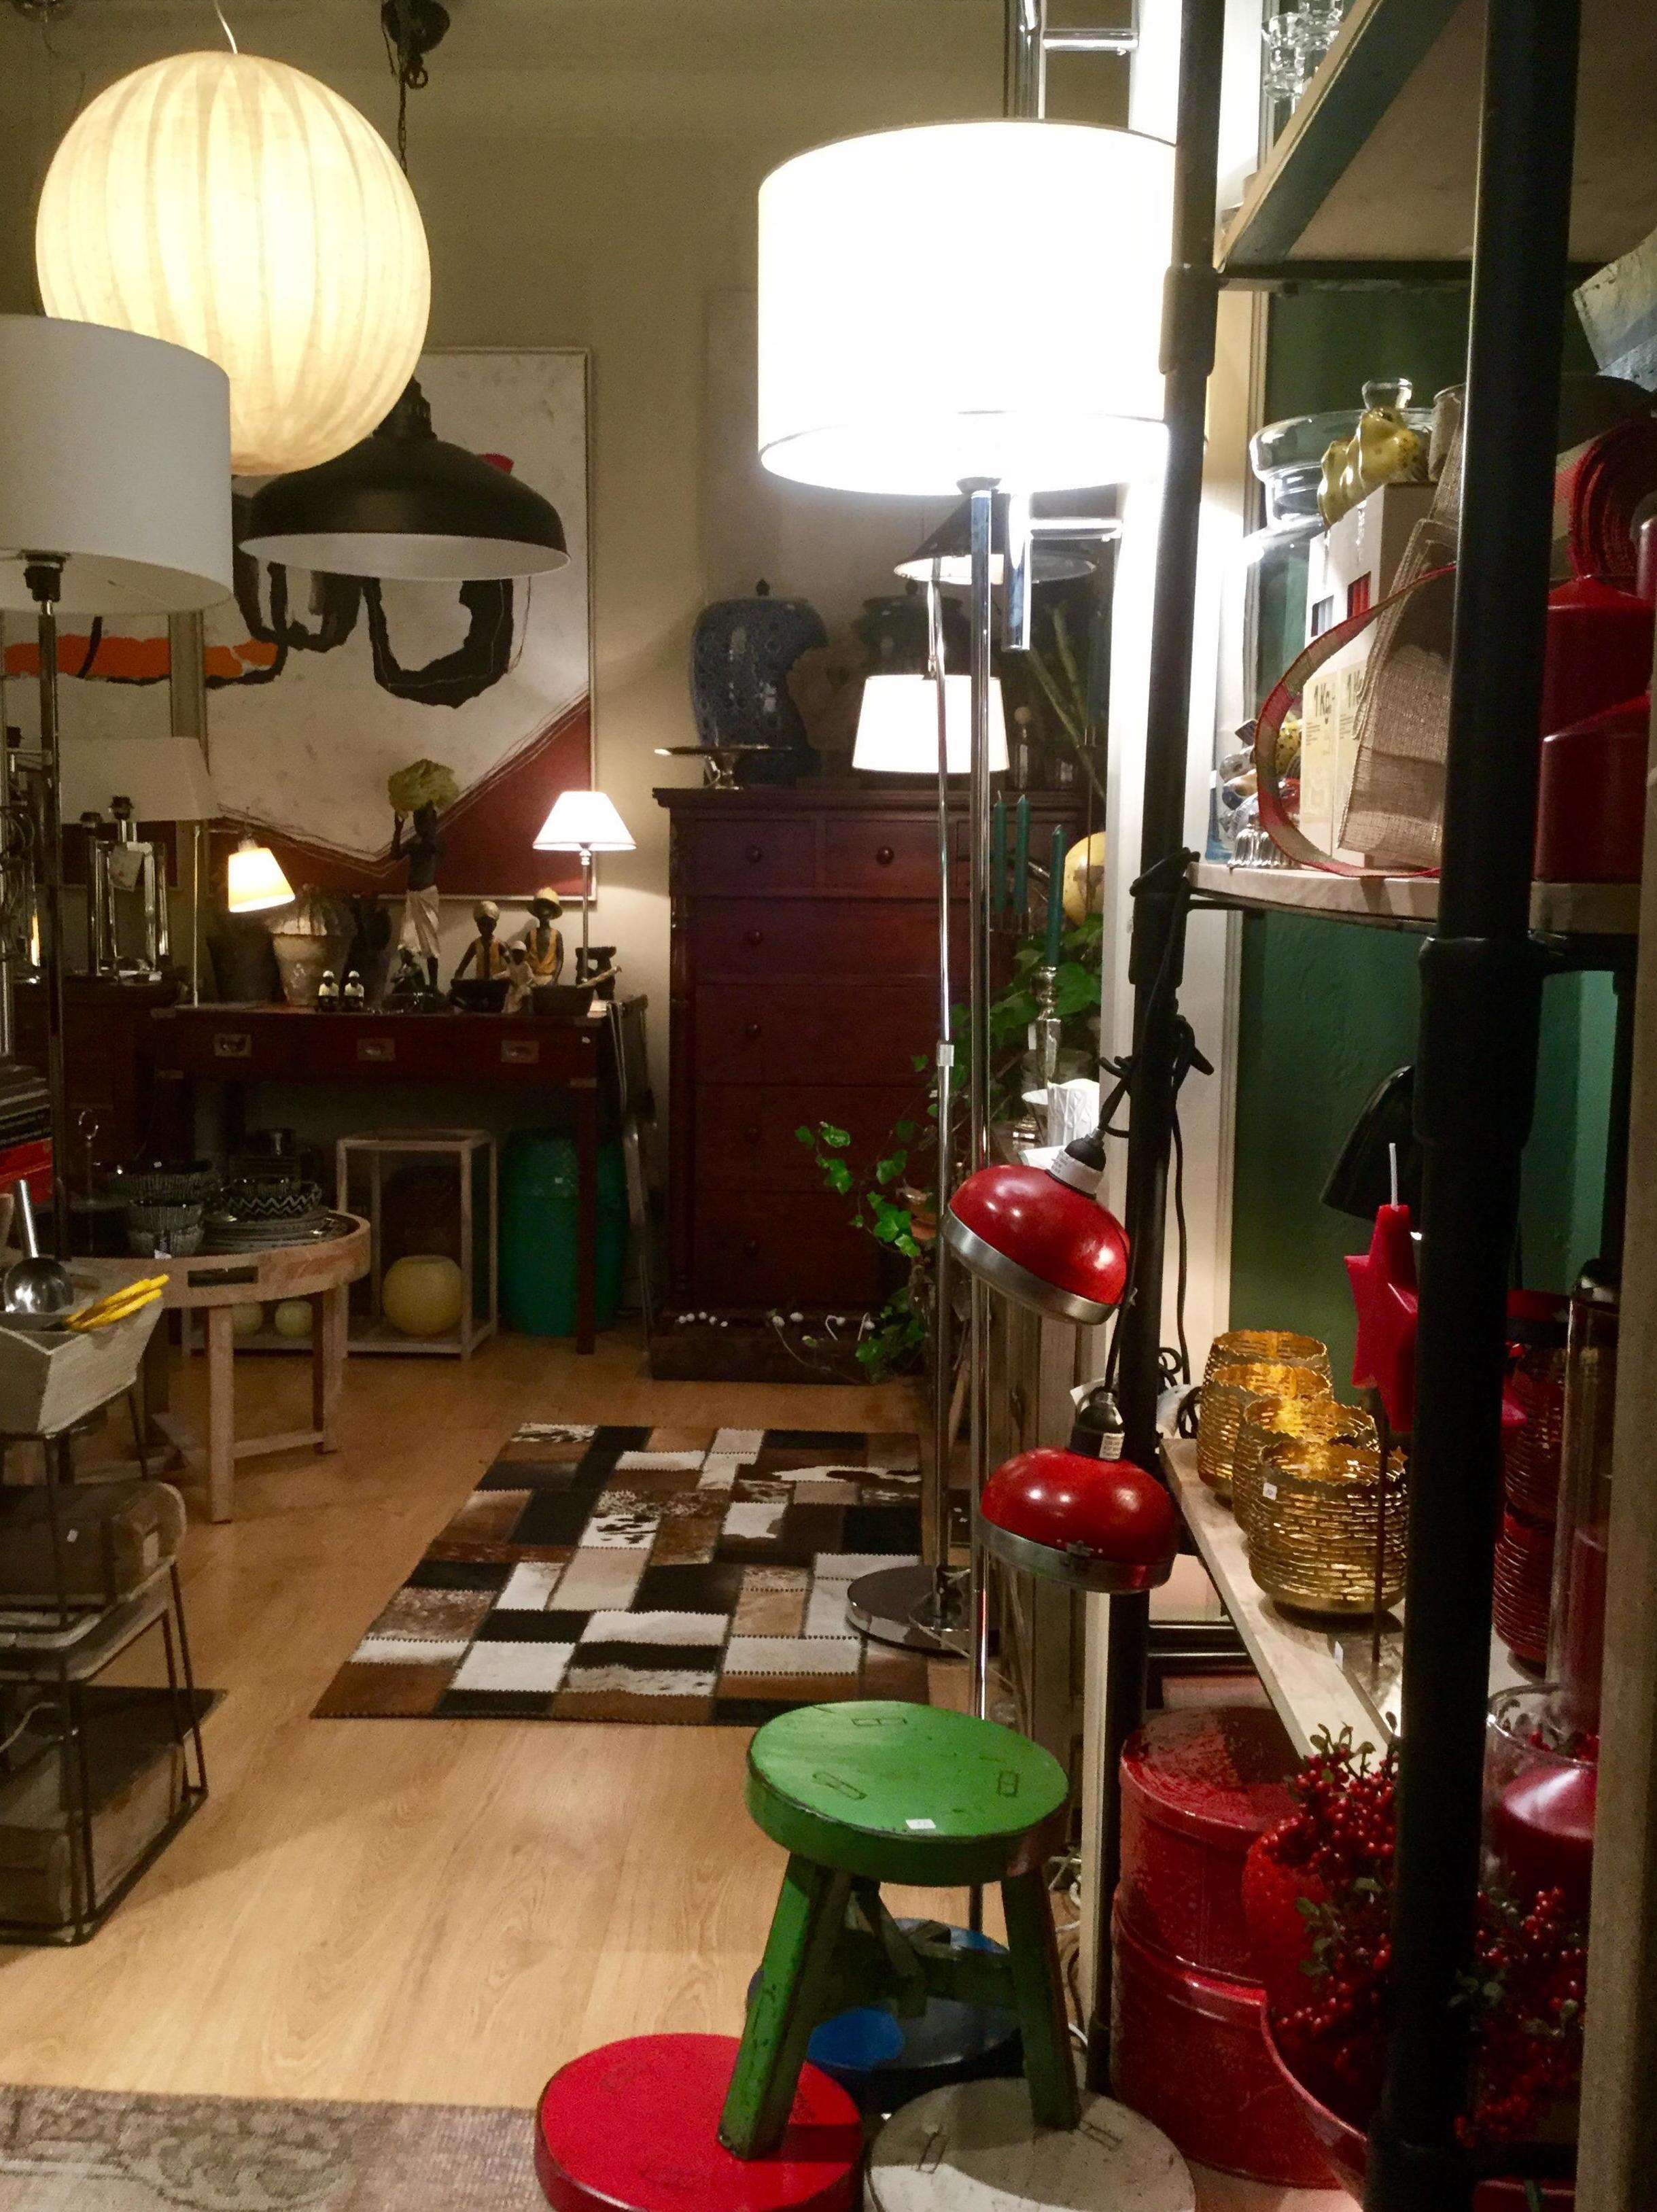 Venta de productos de decoración en las Palmas de Gran Canaria